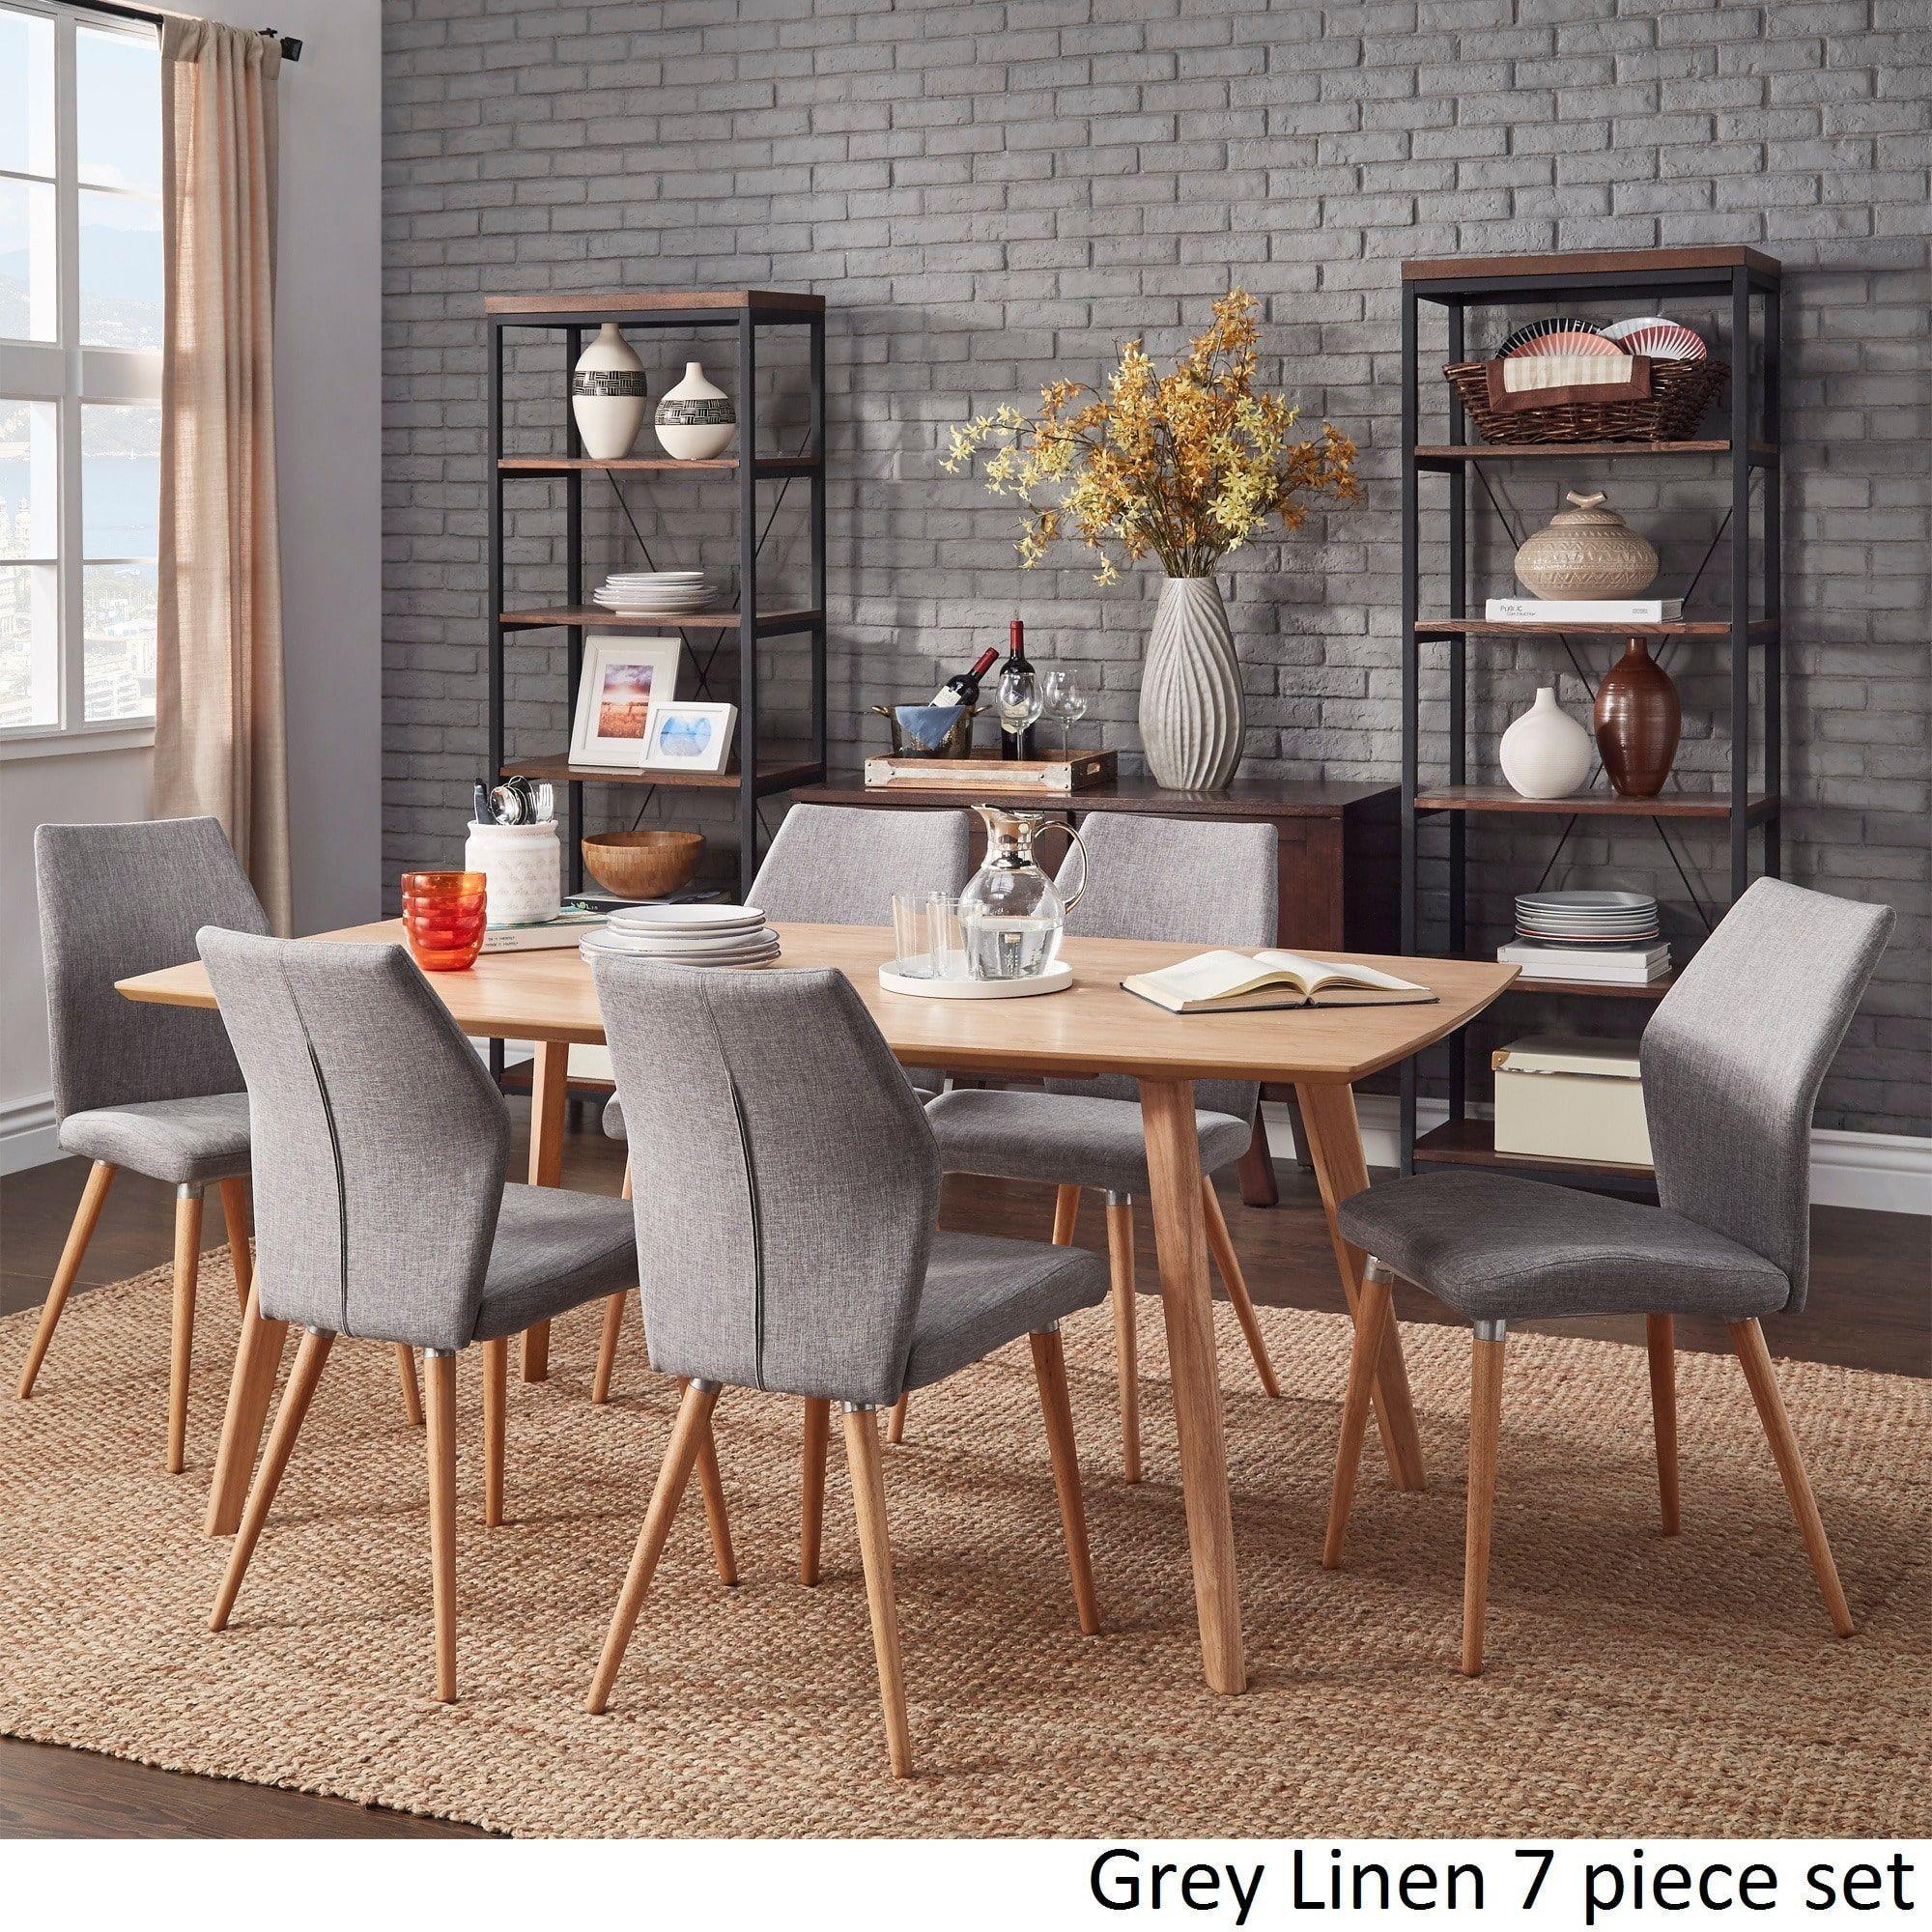 Abelone Scandinavian Oak Dining Set INSPIRE Q Modern ([7PC